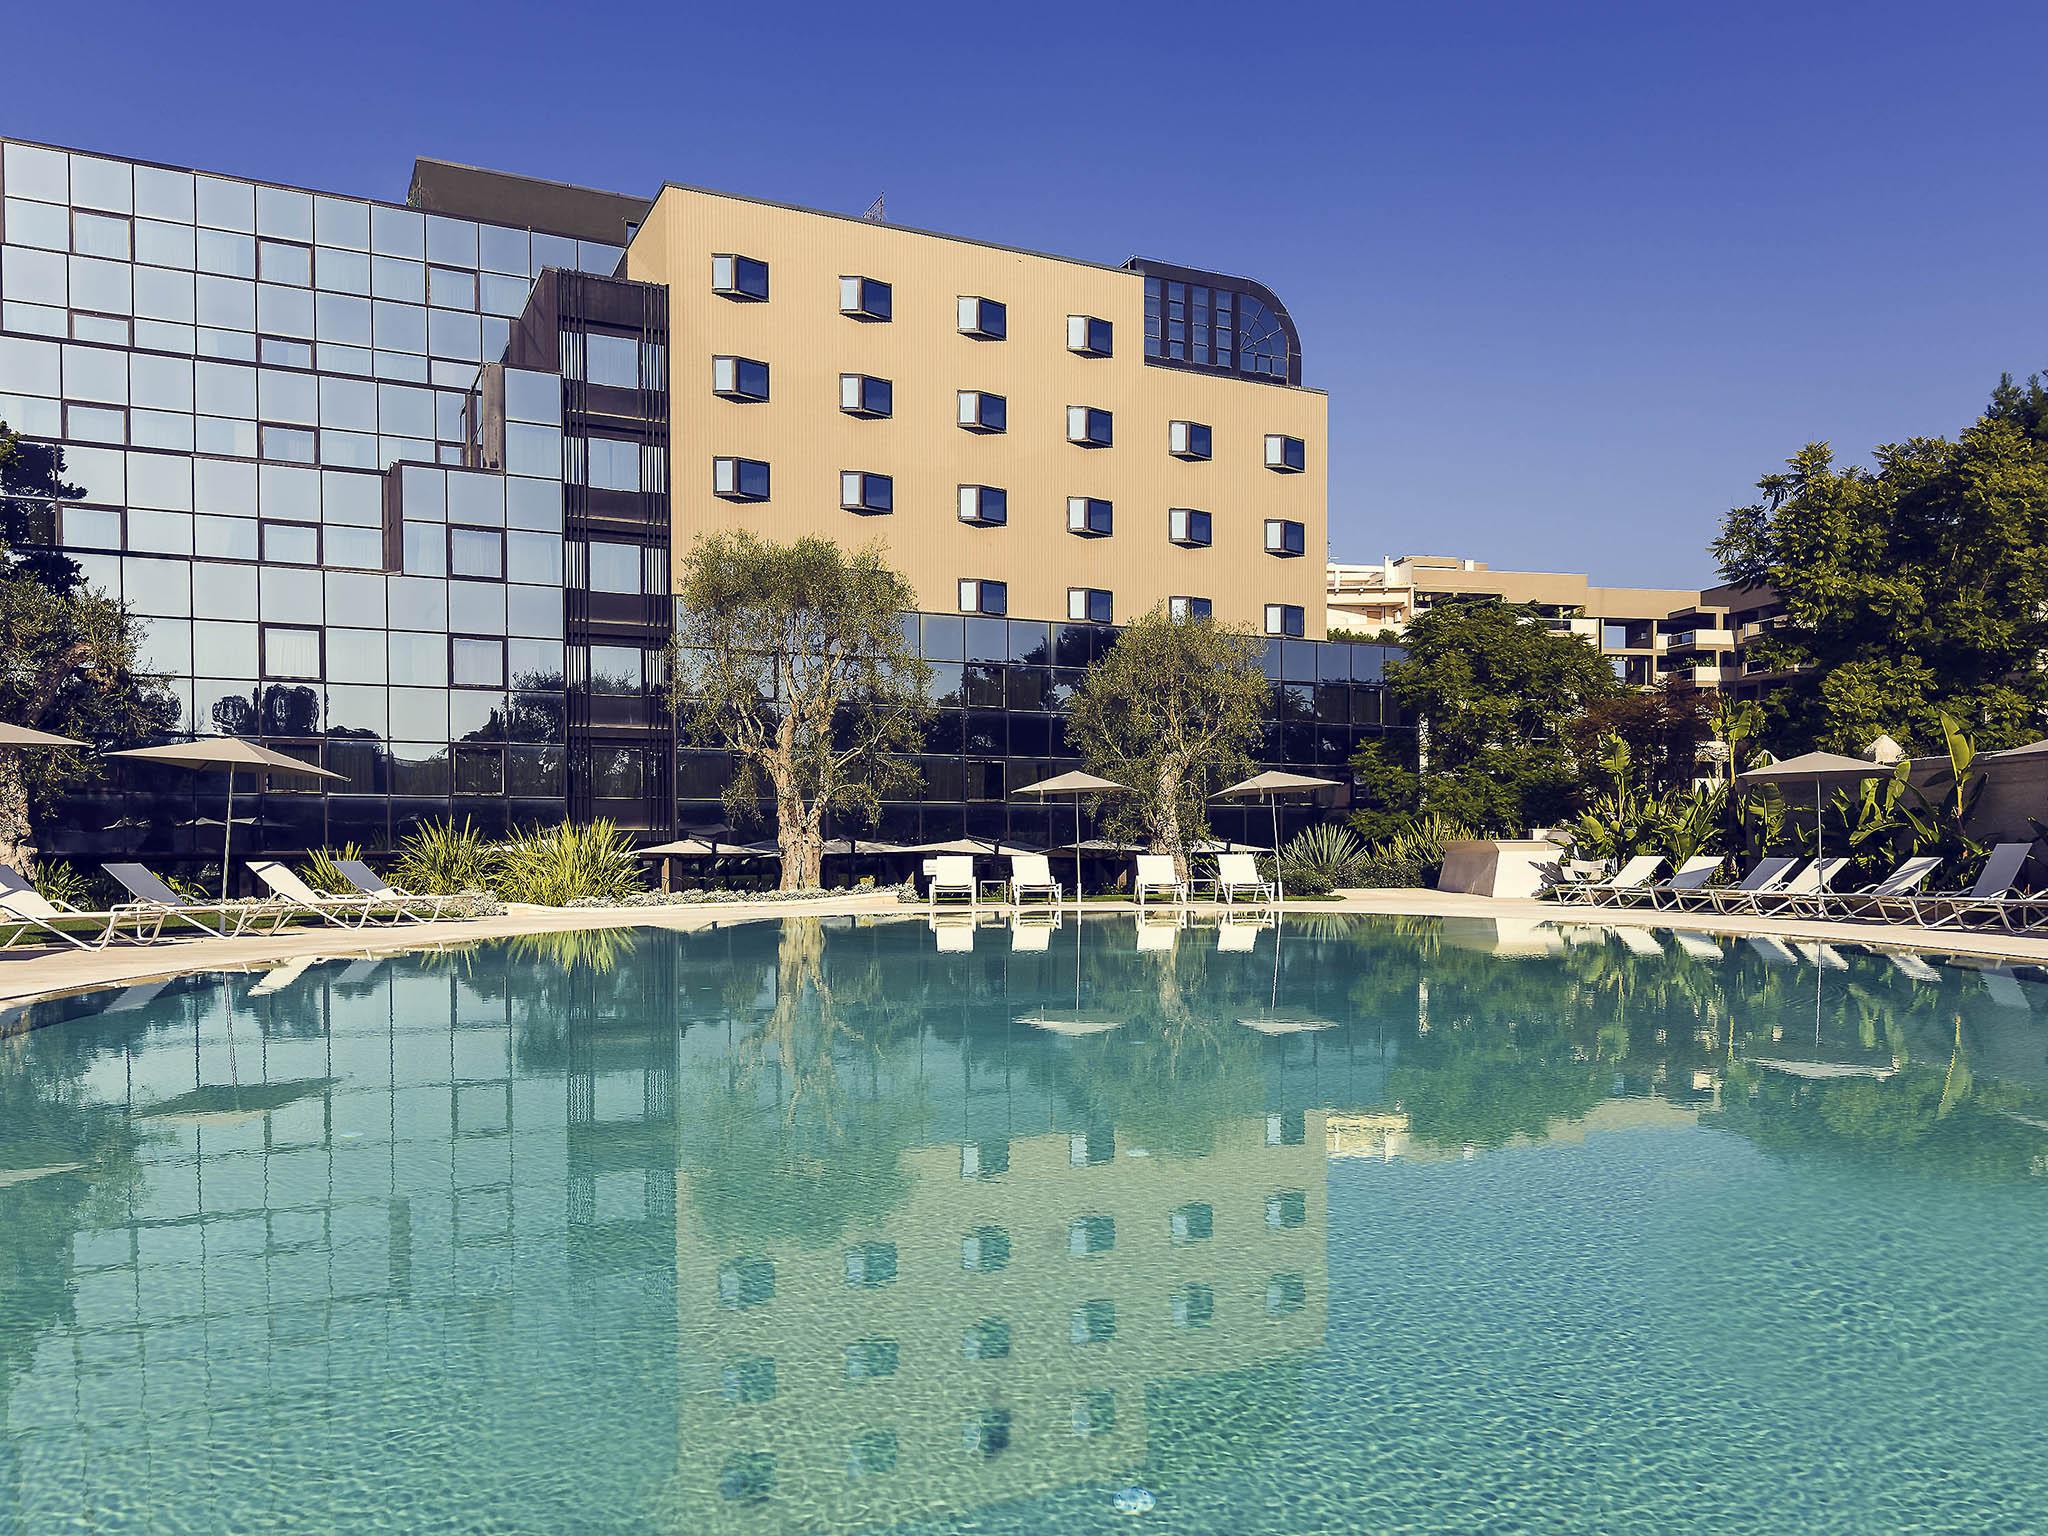 Hotell – Mercure Villa Romanazzi Carducci Bari